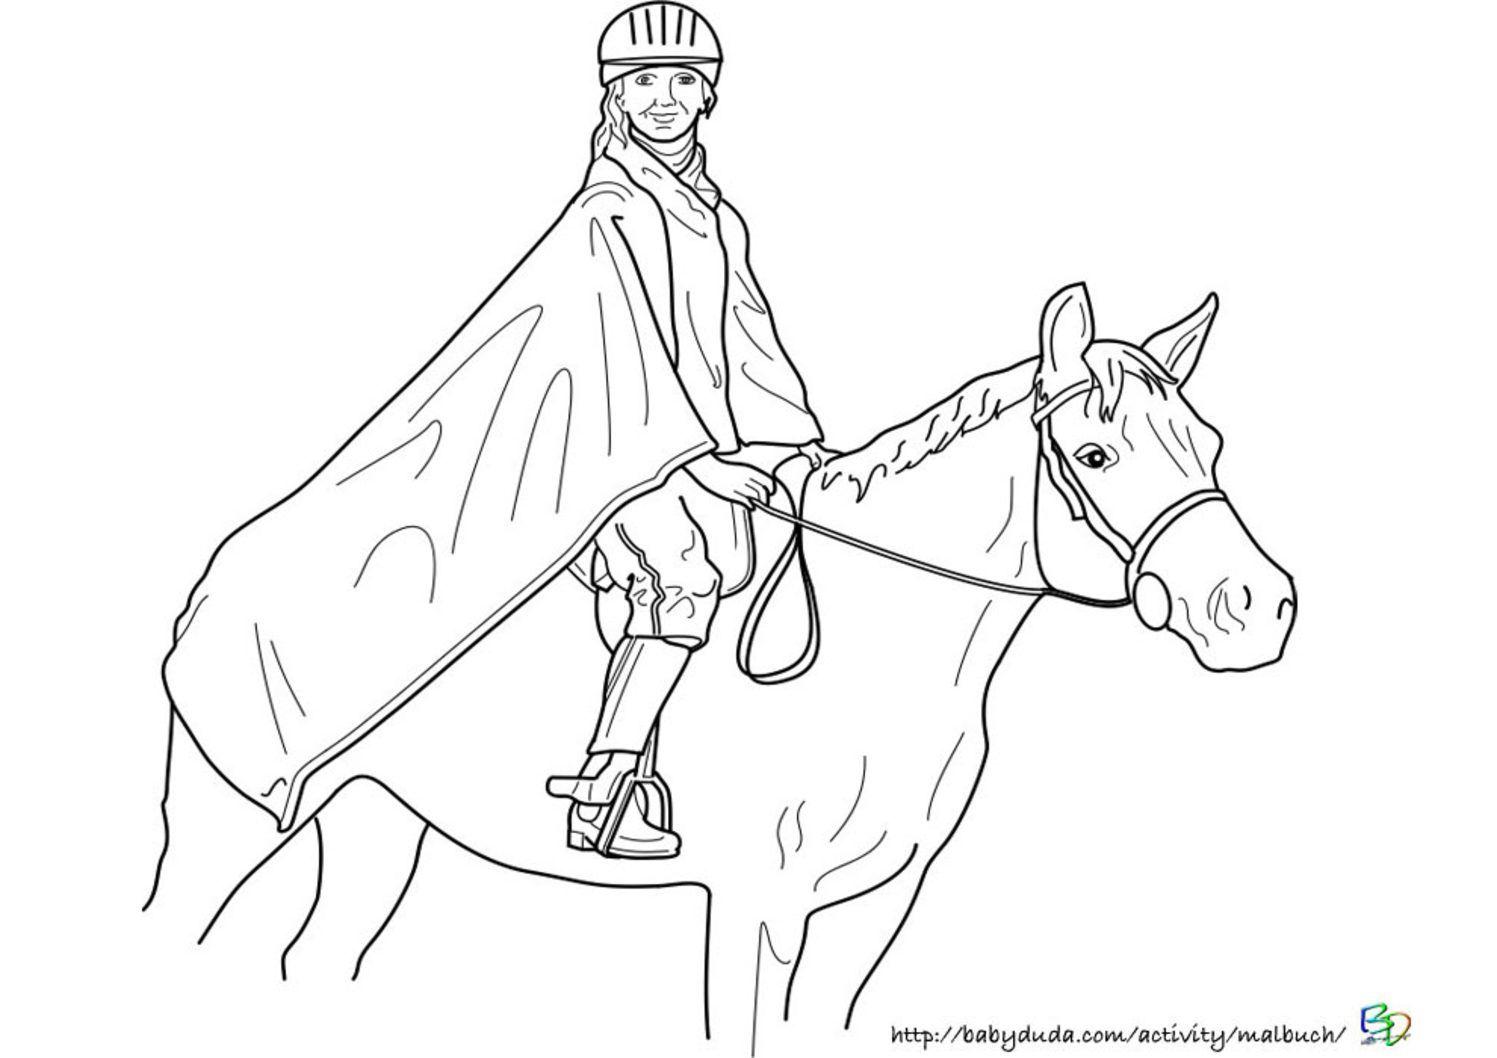 Ausmalbilder Pferd Ausdrucken : Pferdebilder Ausmalen Pferdek Pfe Ausmalbilder Ausmalbilder